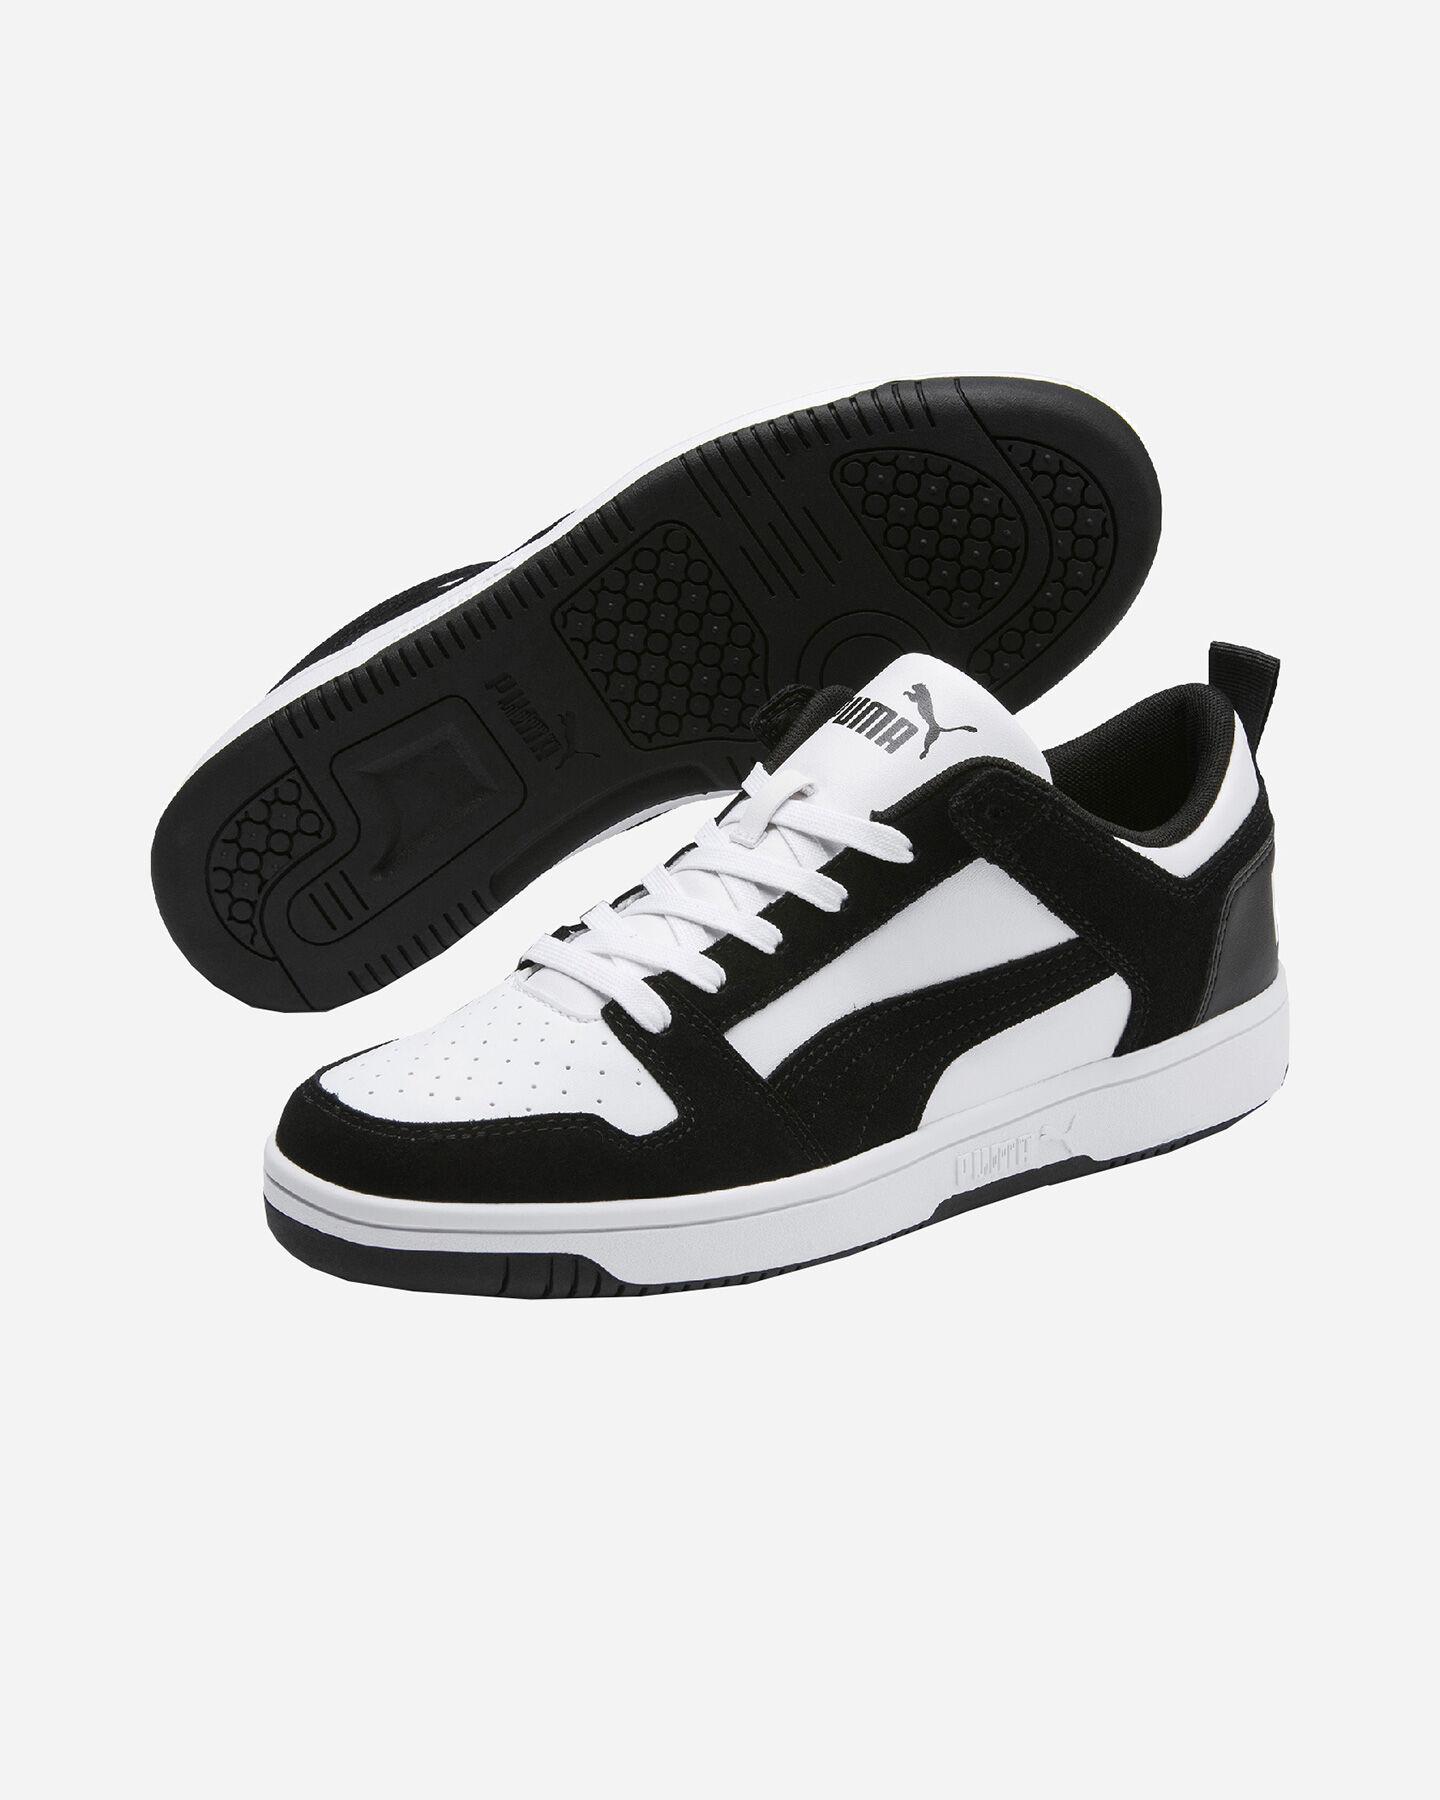 puma scarpe rebound